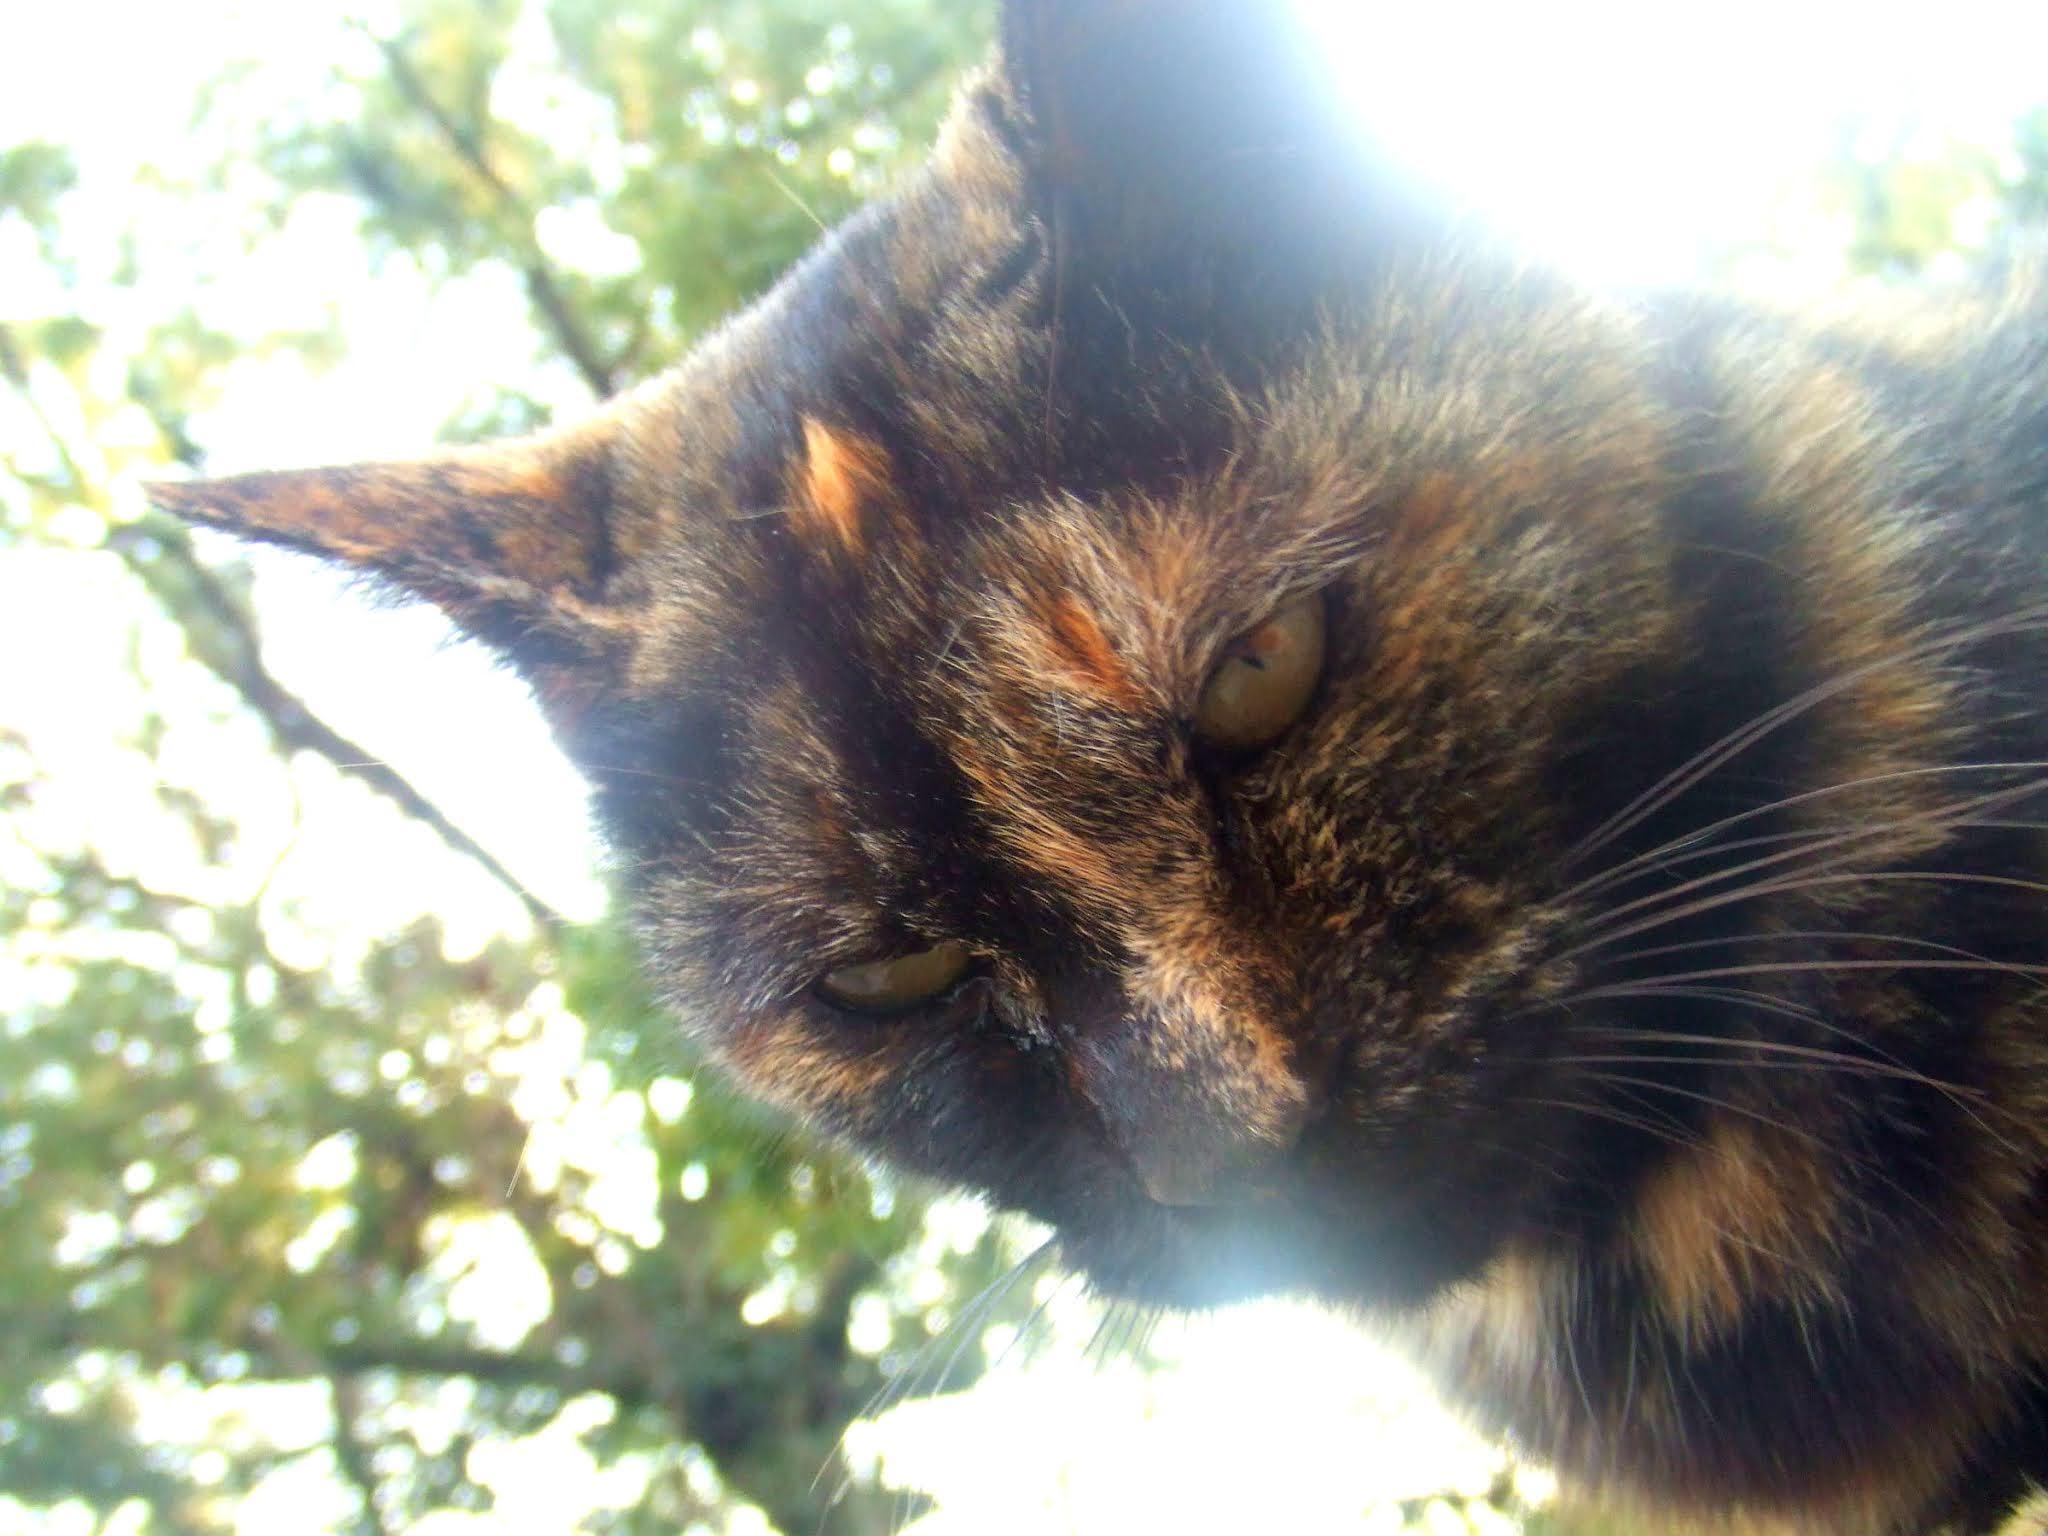 キリリとしたサビ柄猫さんのお顔の写真です。どことなくイケメンで高貴な雰囲気です。猫ブログなどにどうでしょう。